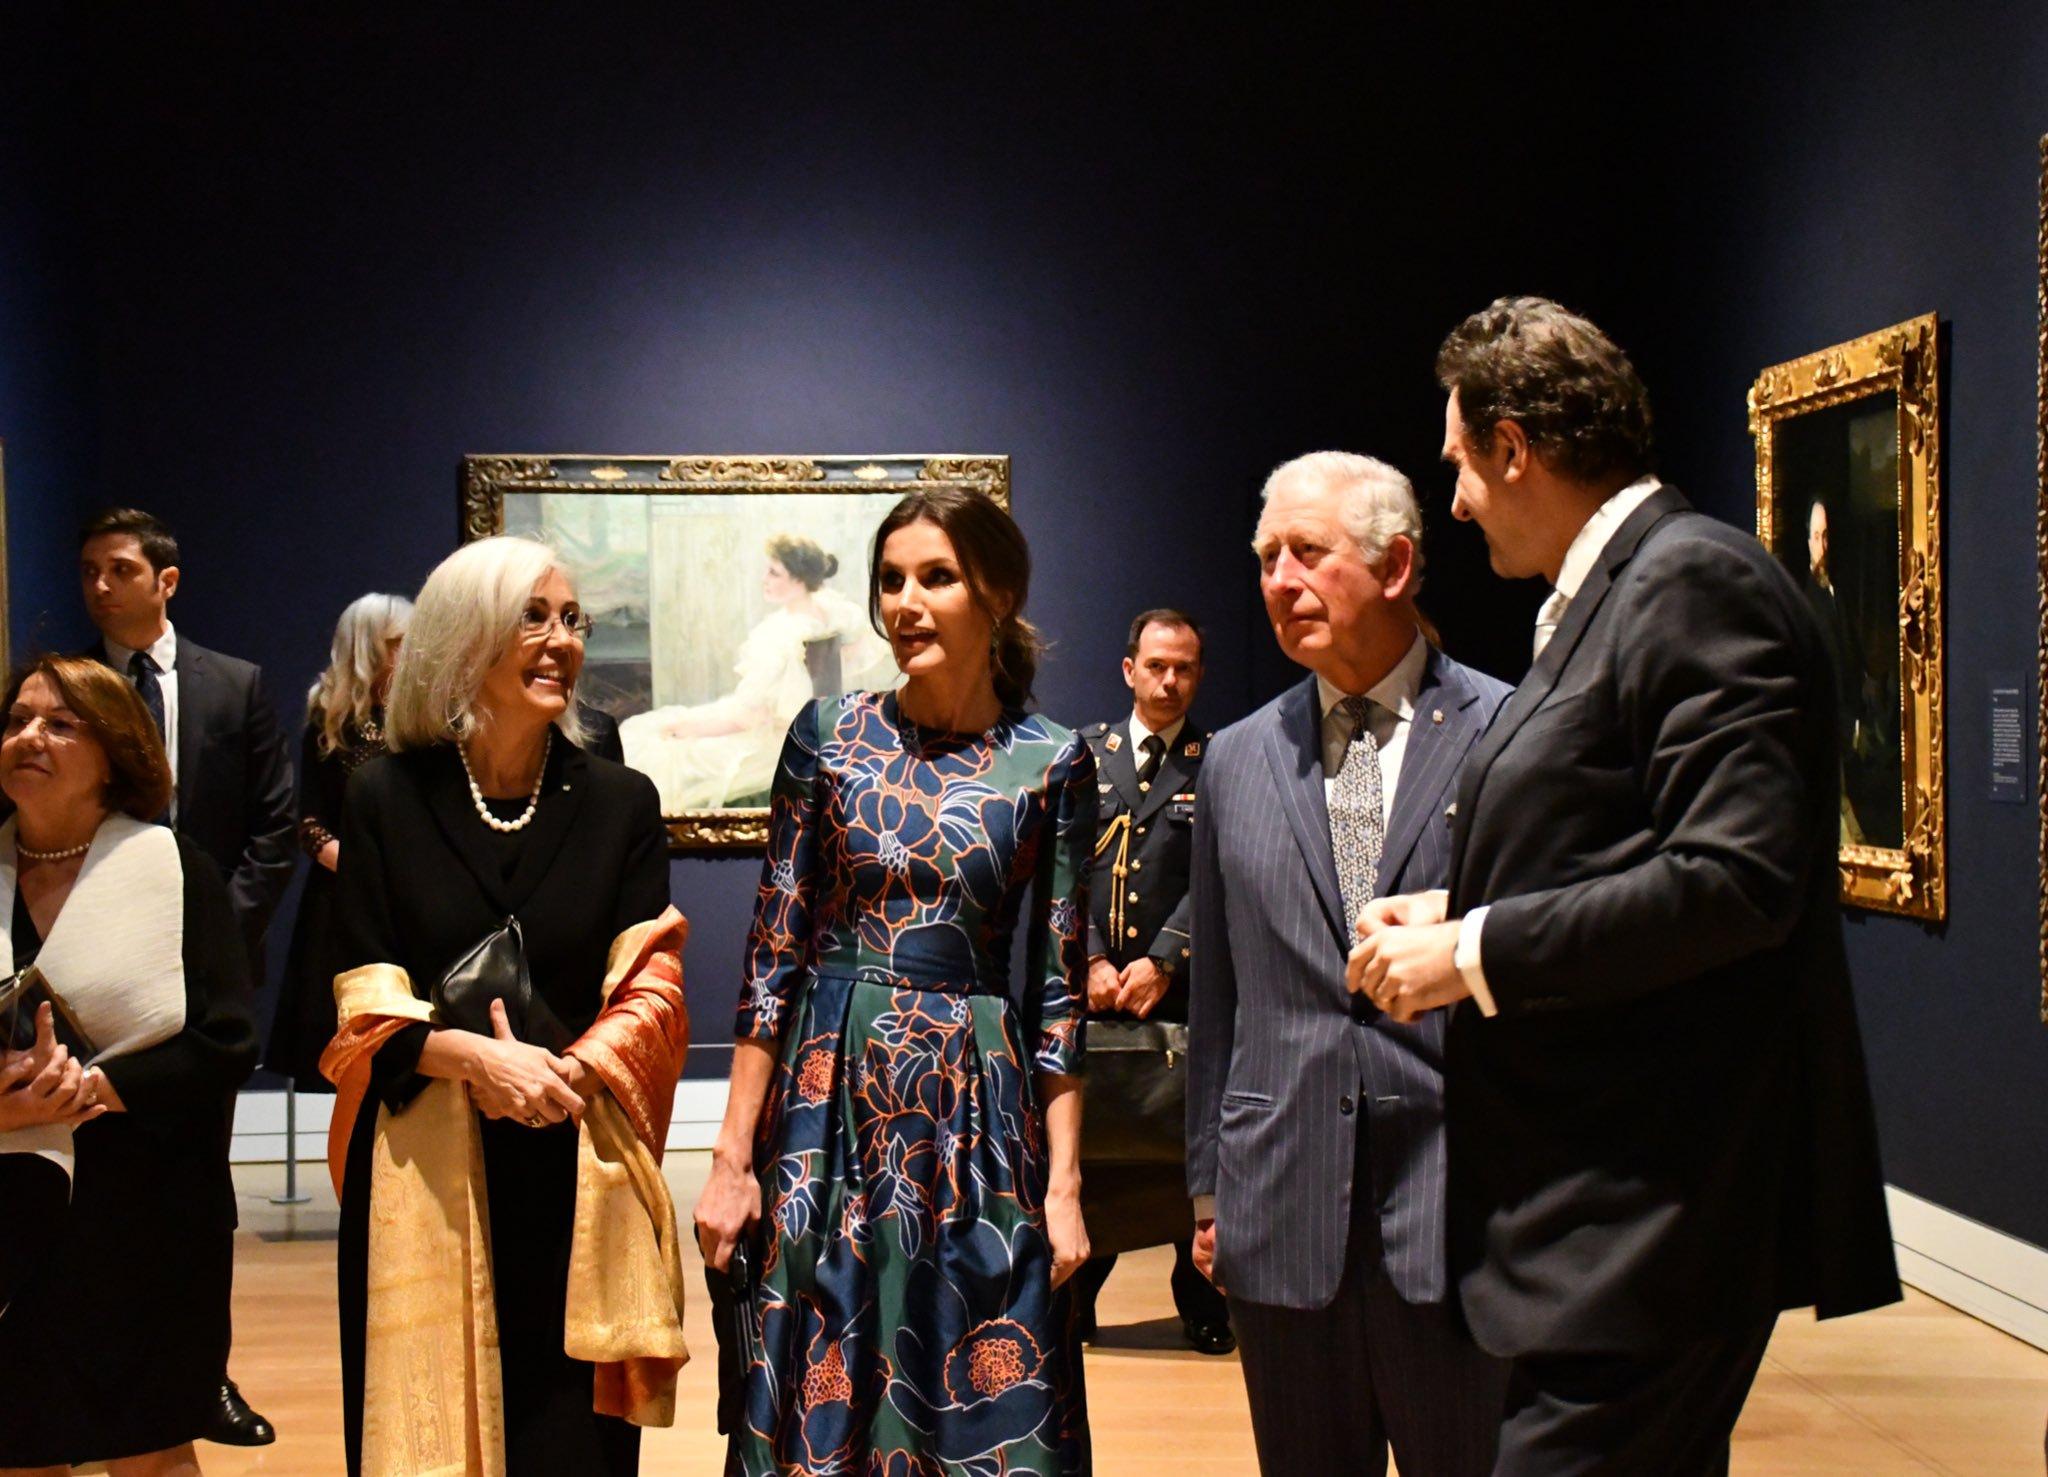 Принц Чарльз флиртовал с королевой Летицей перед картинами испанского им...